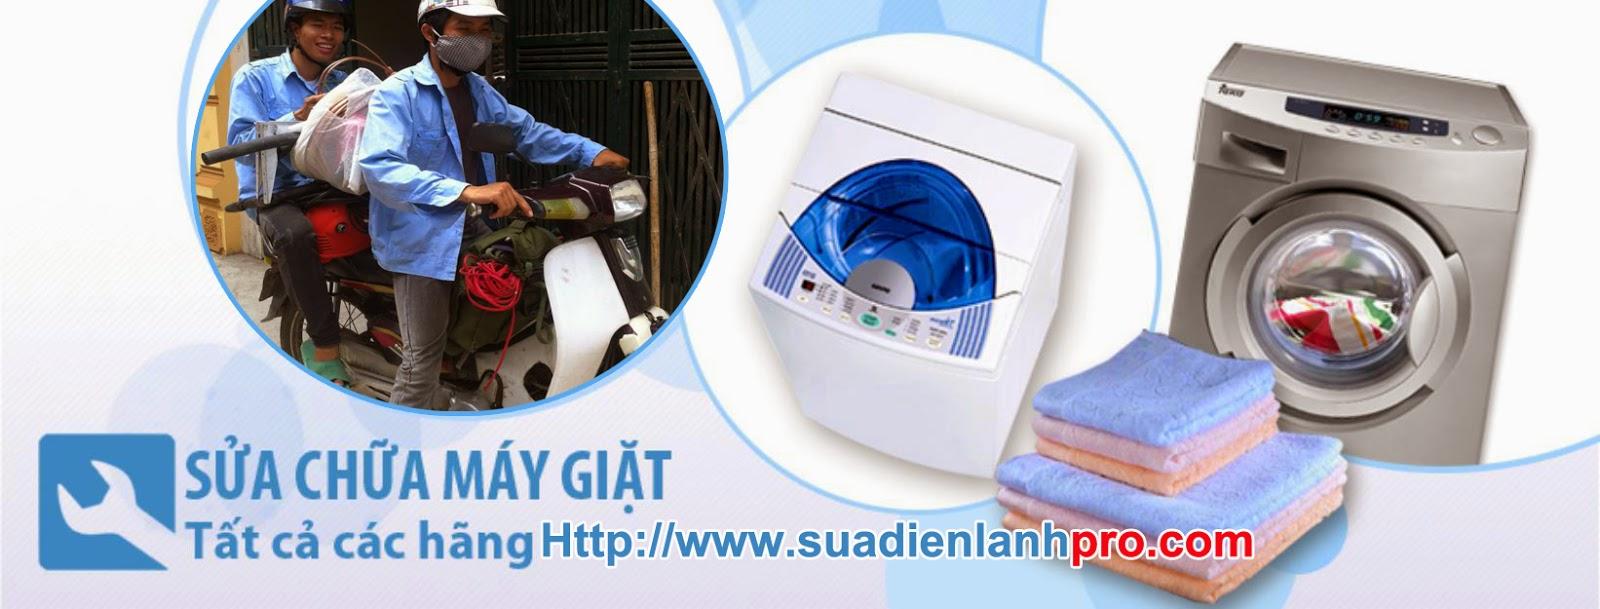 Sửa chữa Máy giặt tại nhà Hà Nội - Thợ giỏi